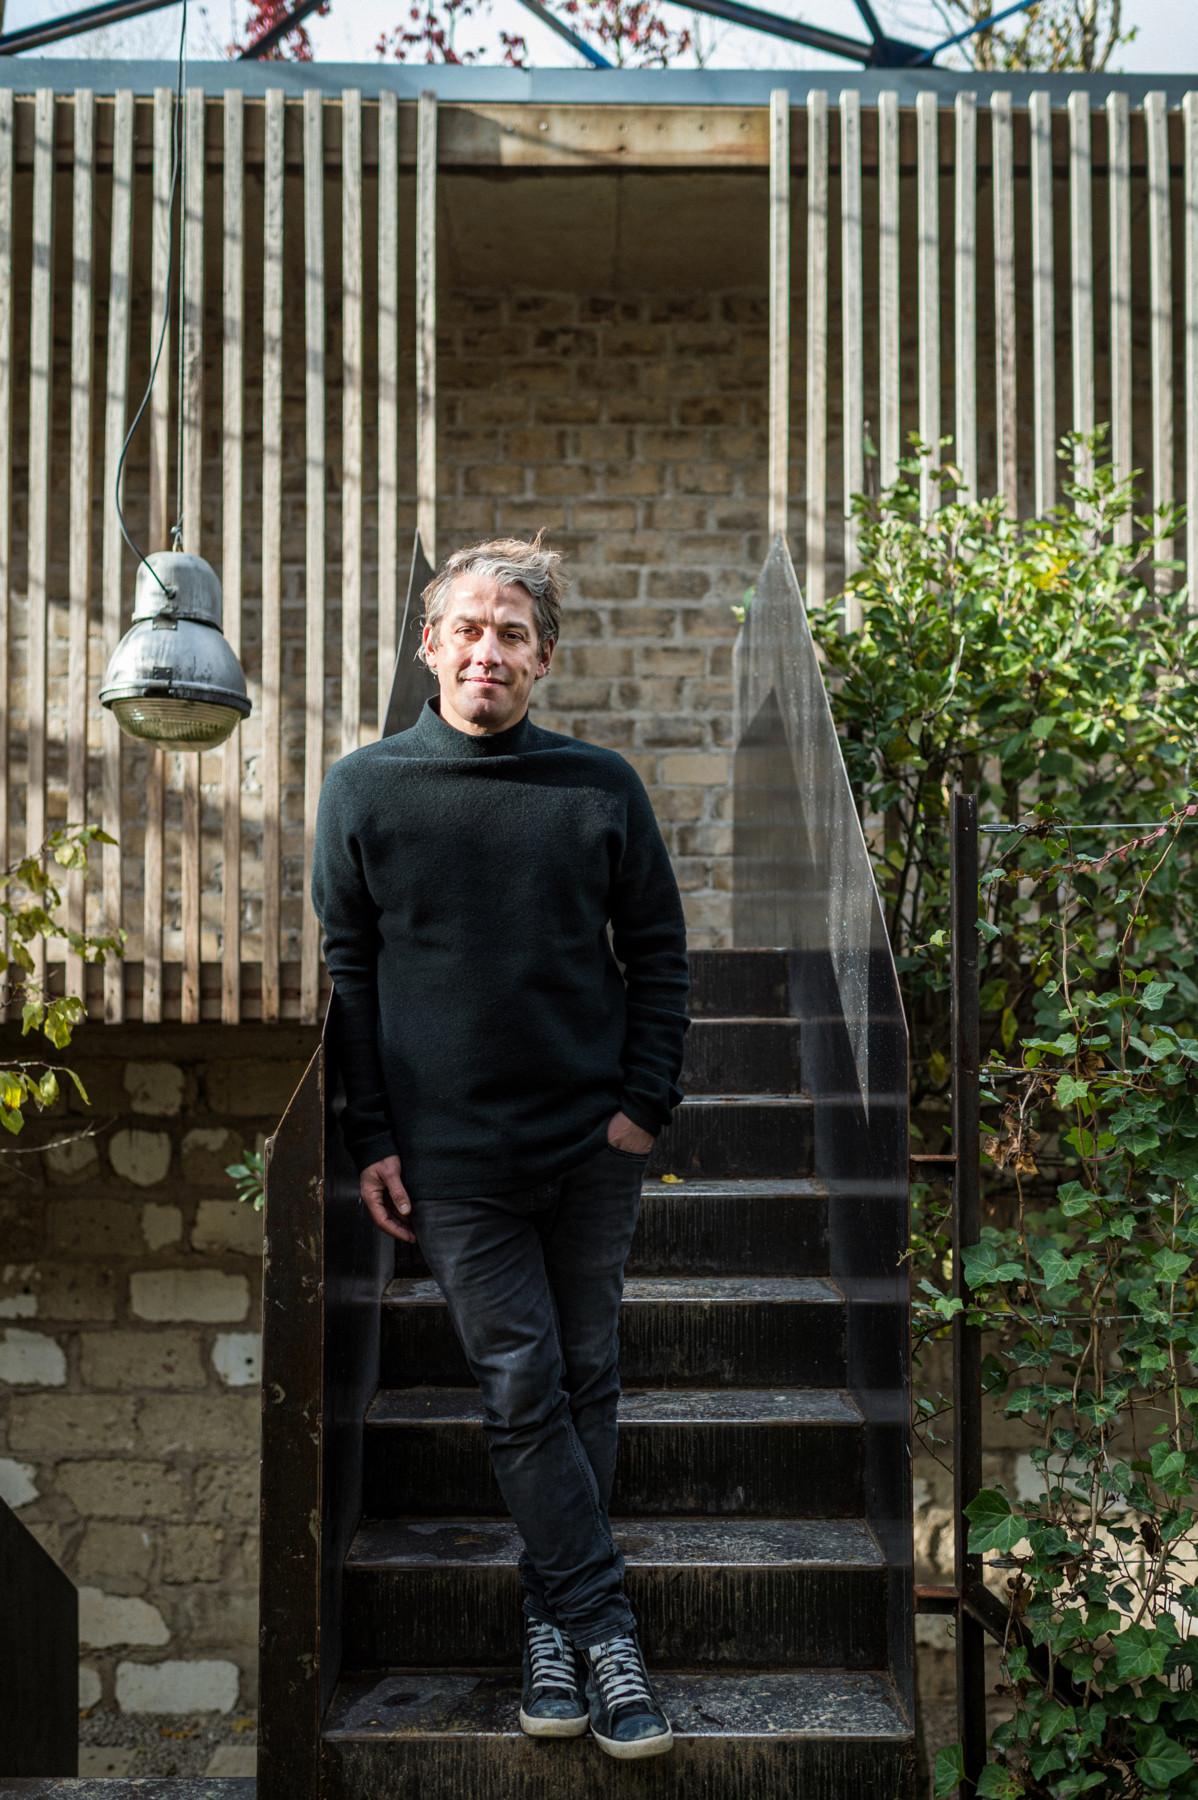 Steve Krack, CEO & founder d'Unité d'habitation. (Photo: Mike Zenari)